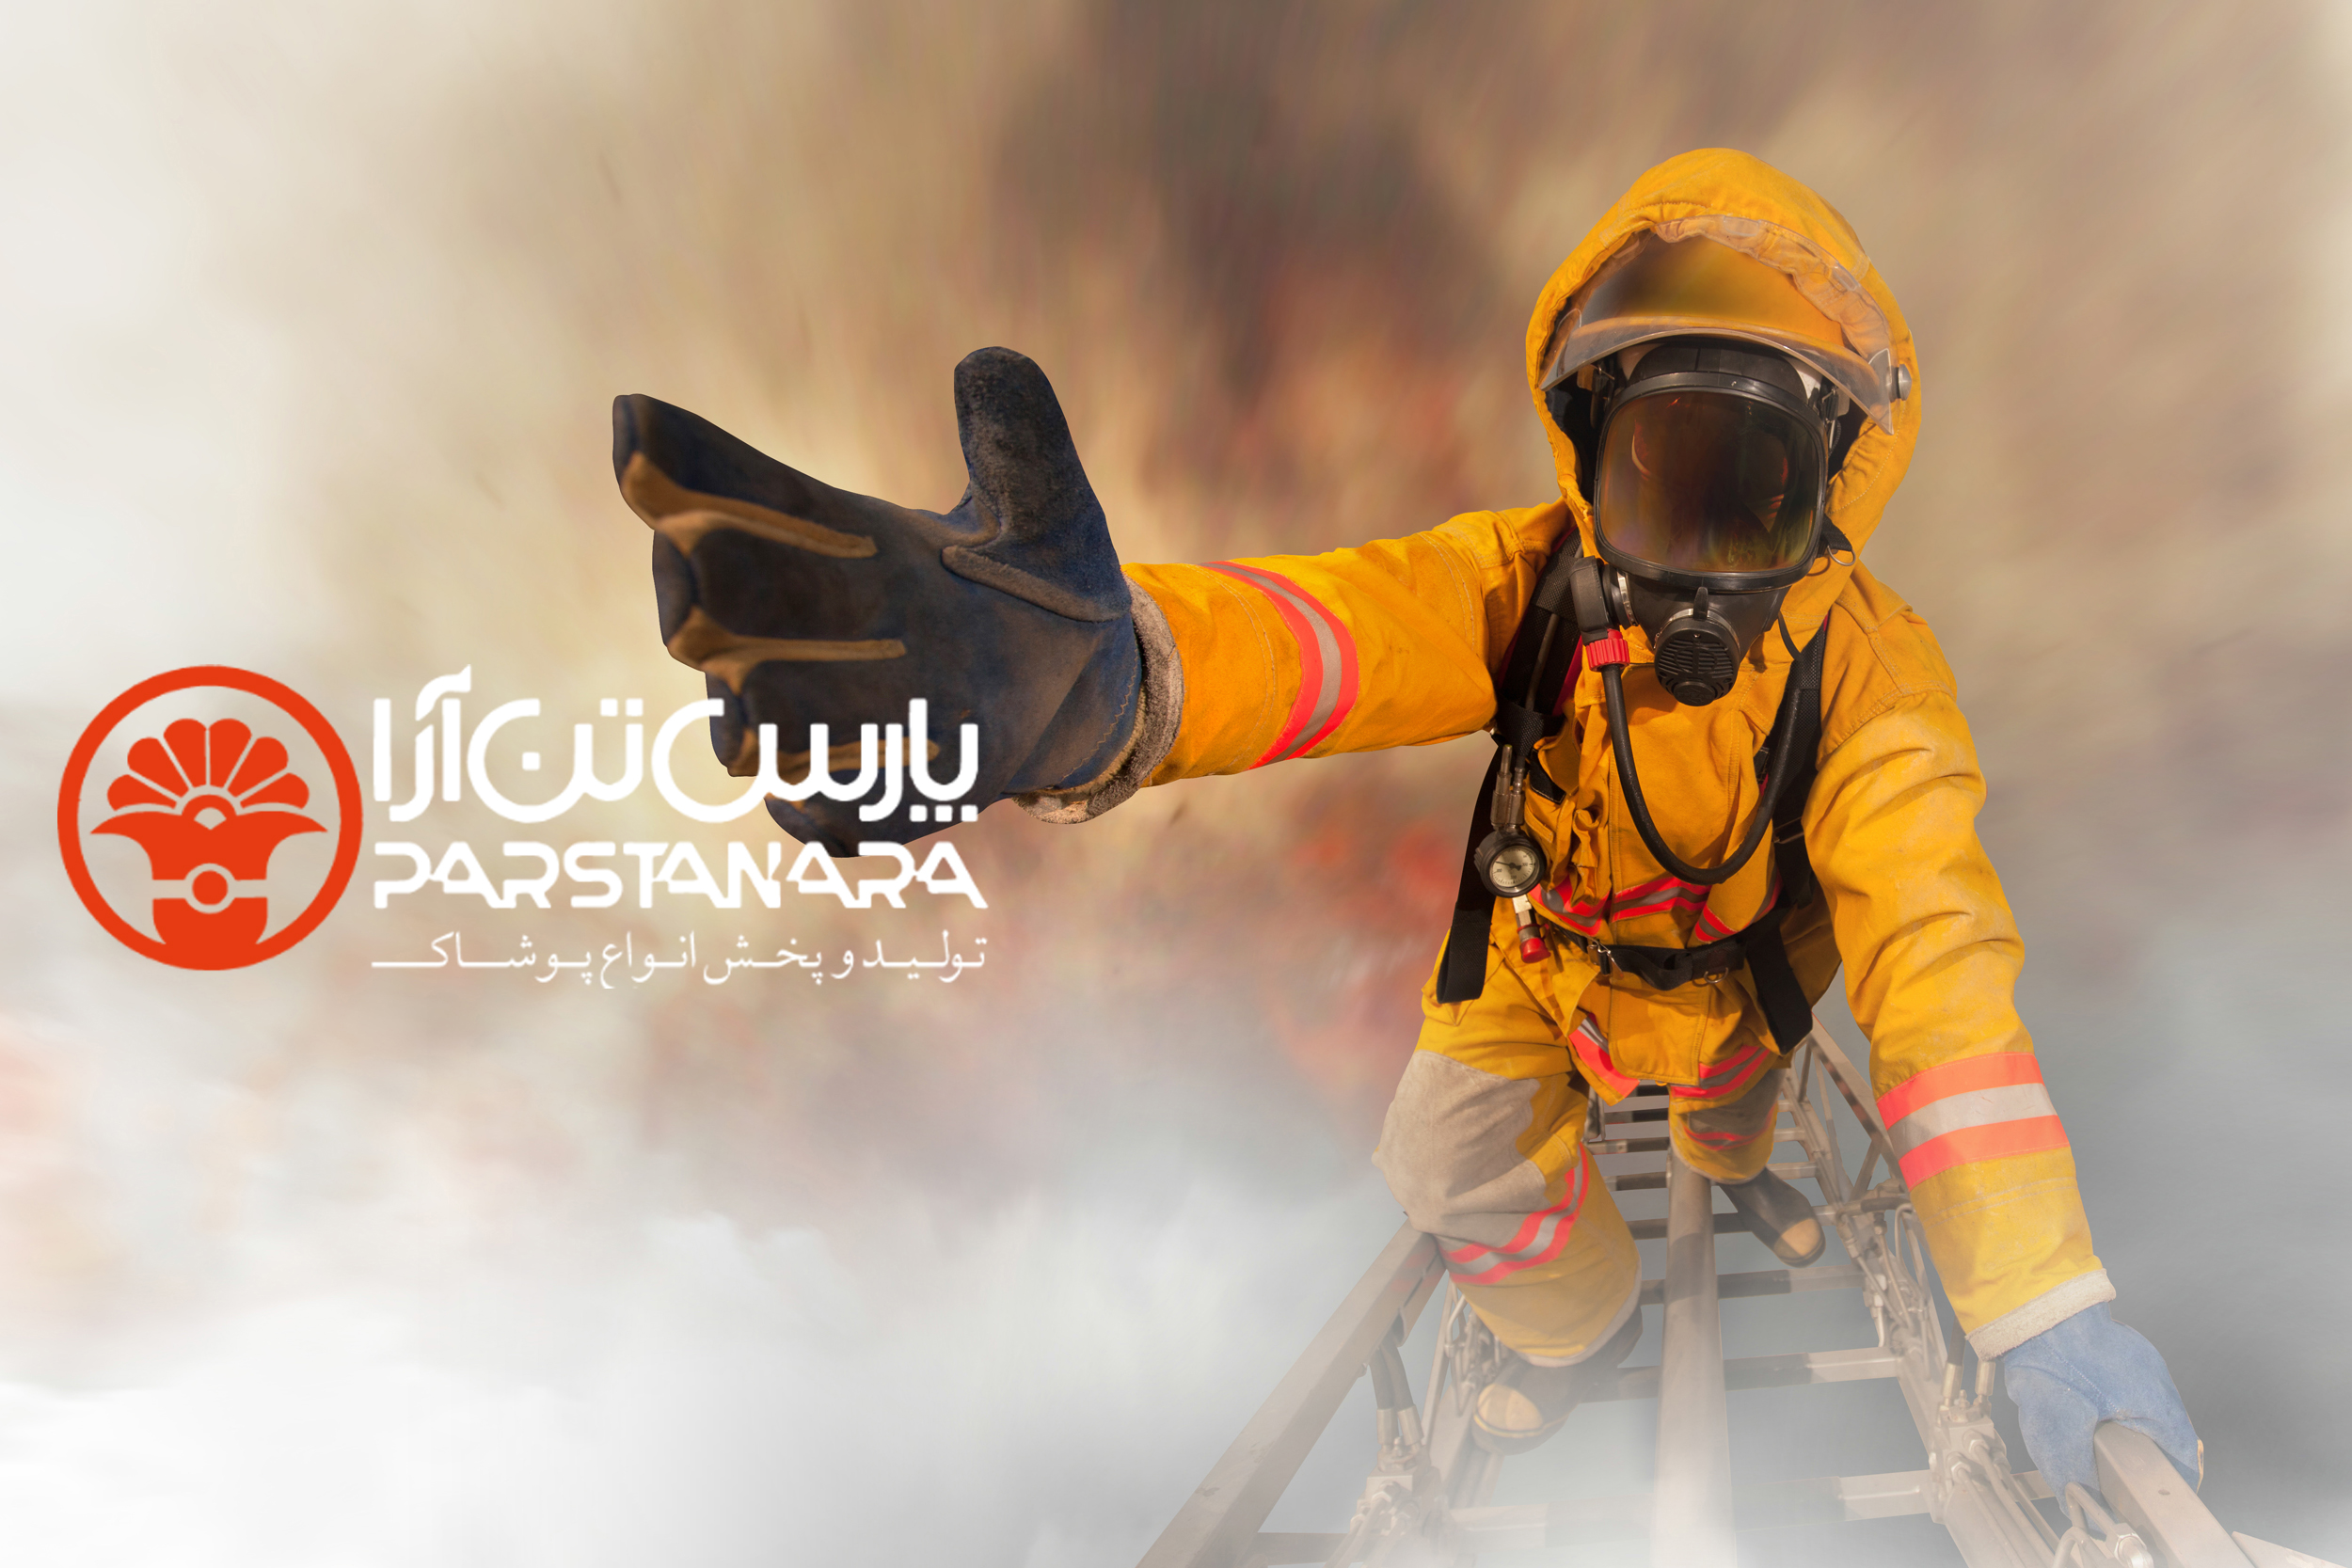 انواع تجهیزات آتش نشانی و کاربرد آن ها